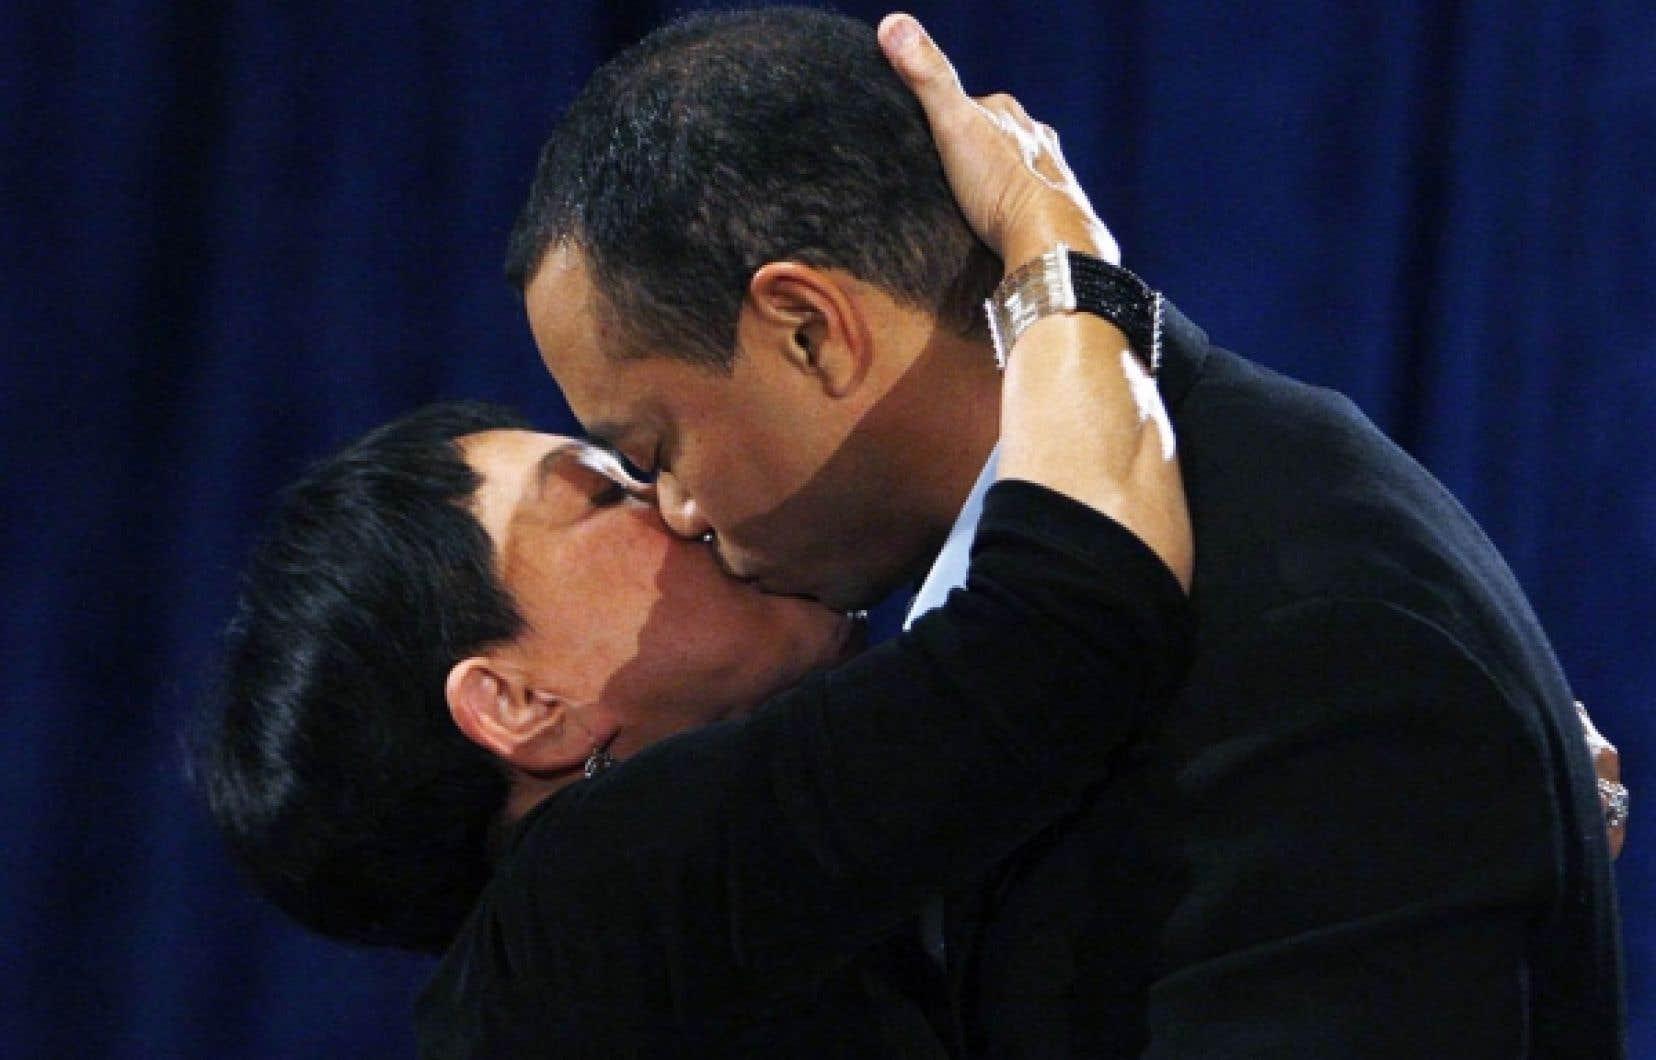 Le golfeur Tiger Woods a embrassé sa mère Kultida après s'être adressé aux médias, hier.